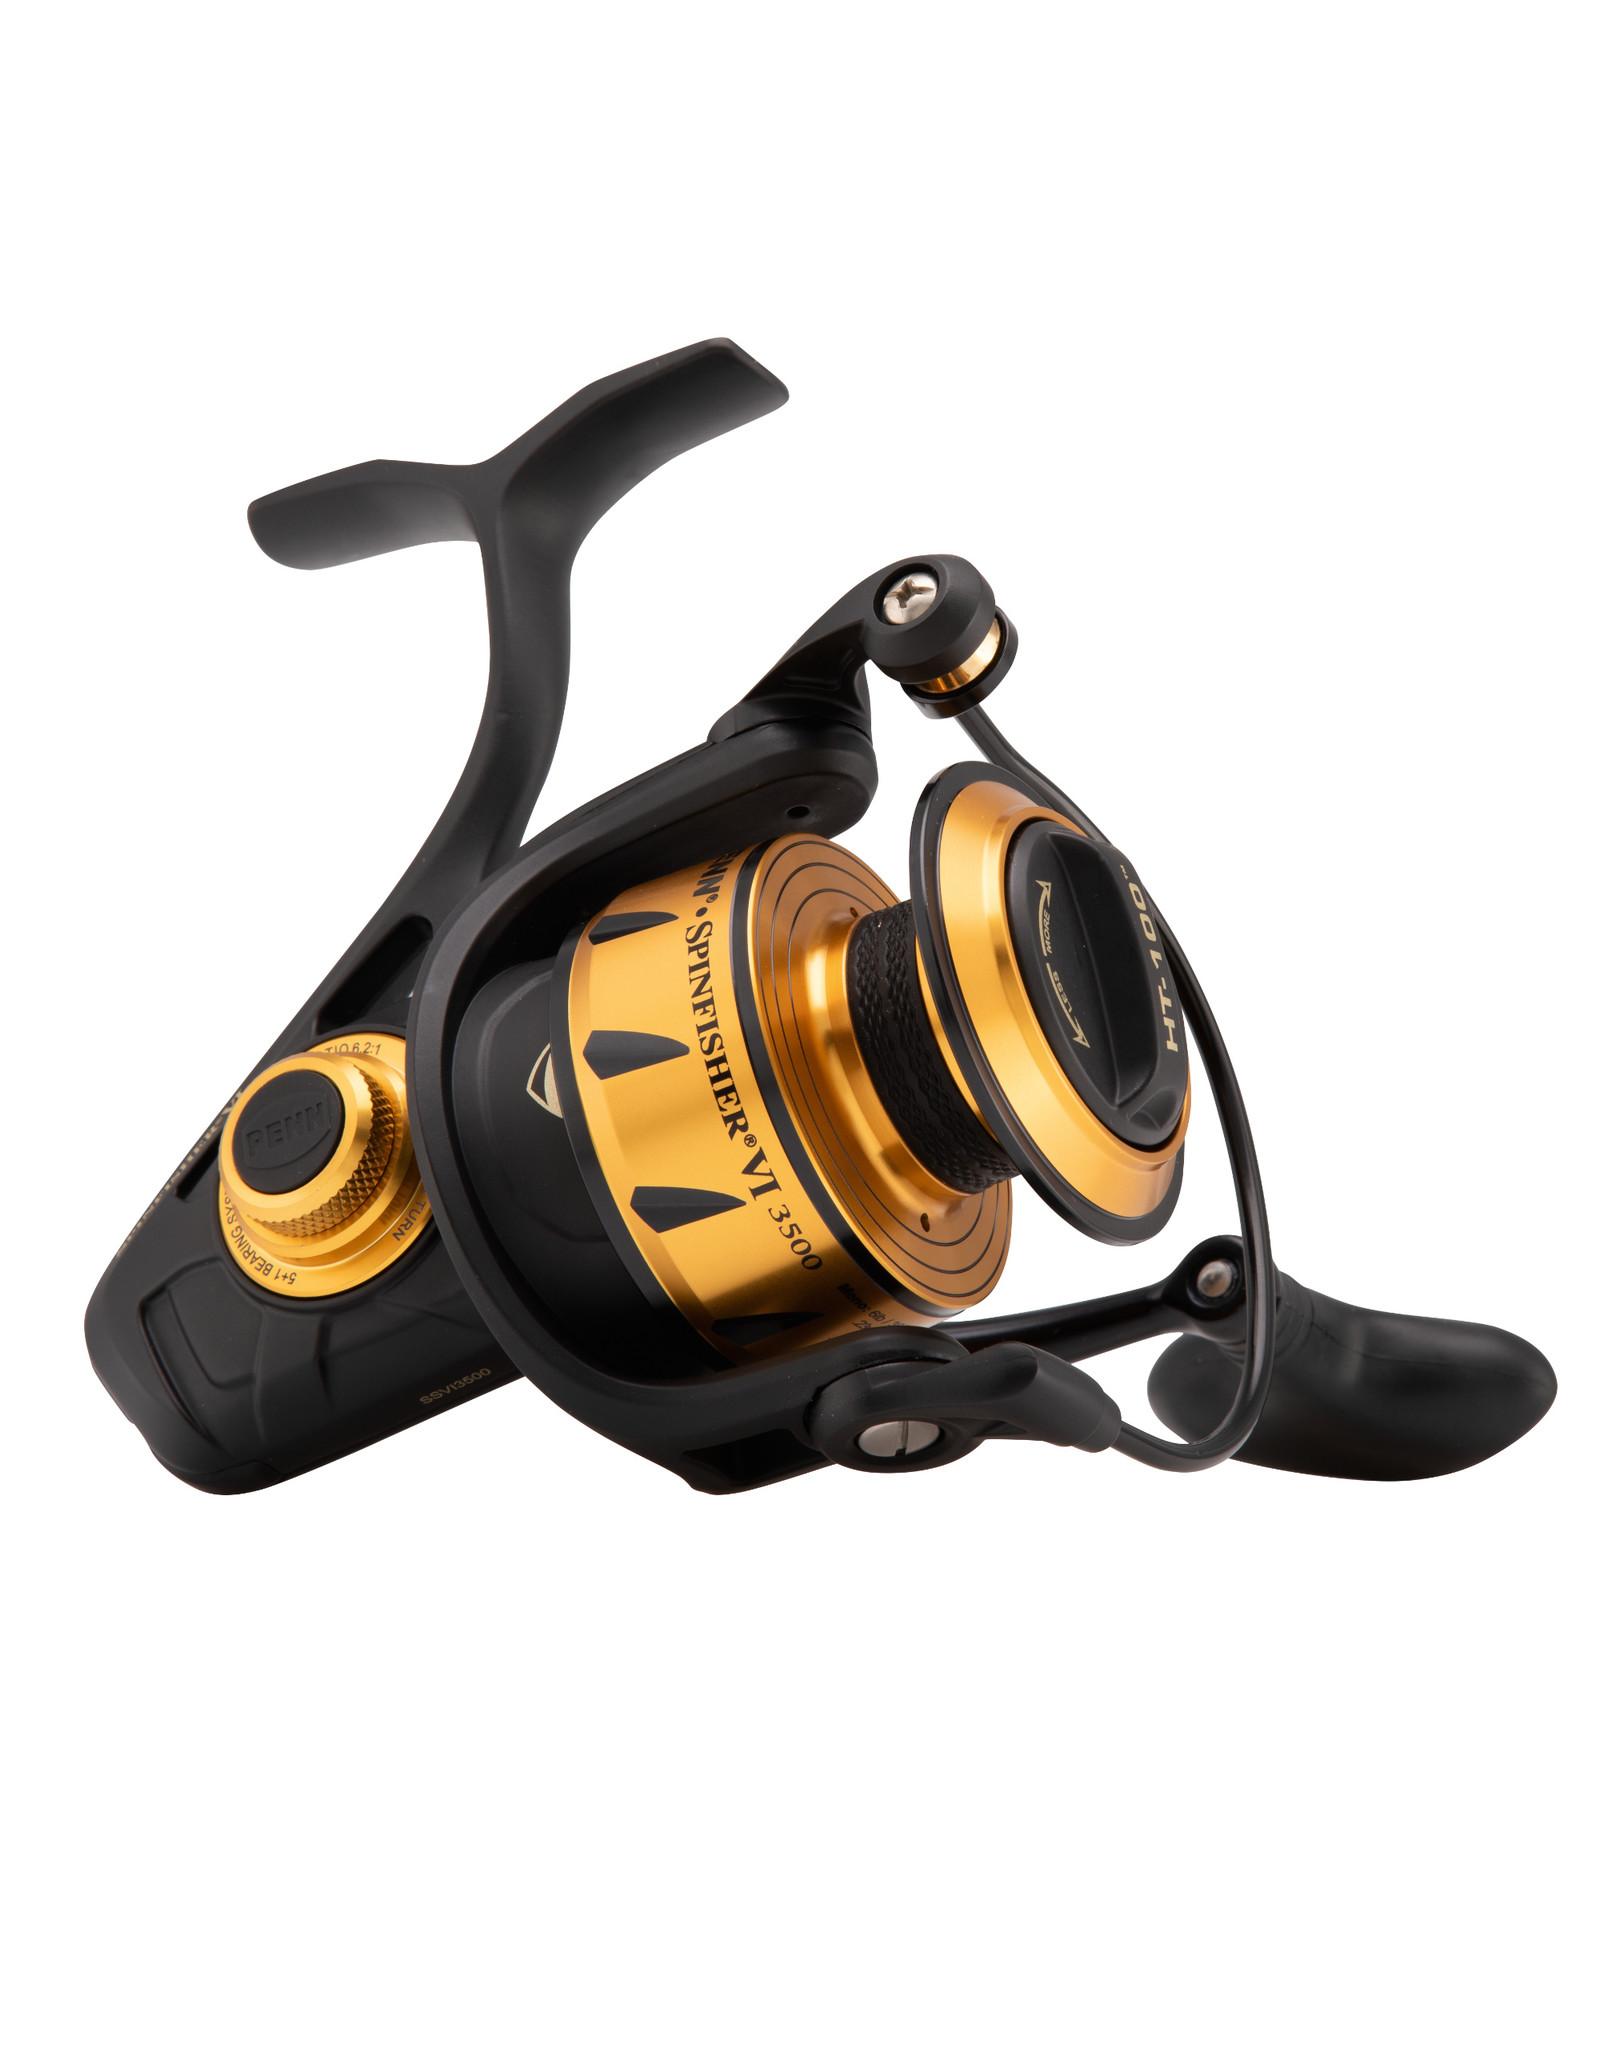 Penn Penn Spinfisher VI 3500